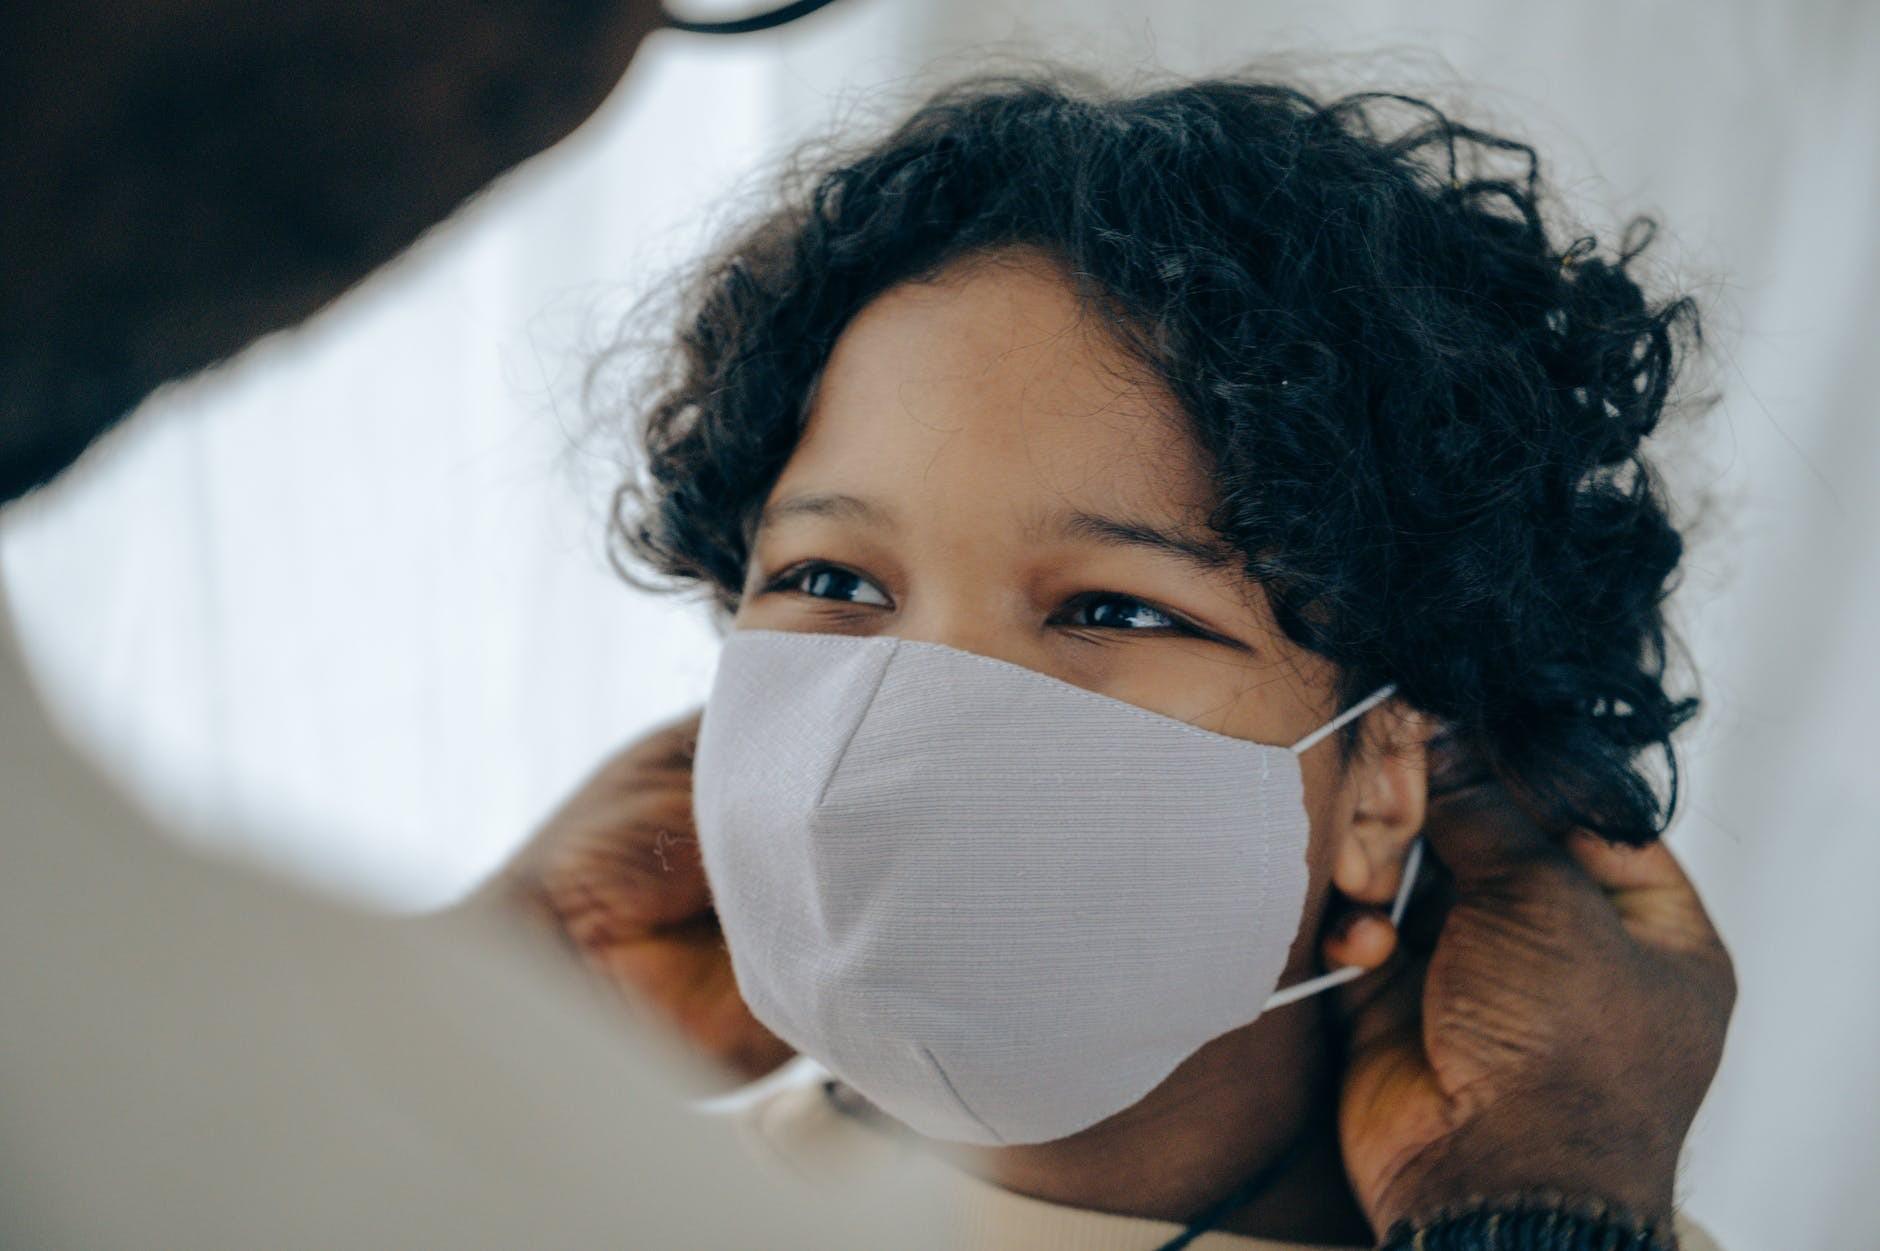 Veja 7 cuidados que se deve ter para prevenir a covid-19 em crianças